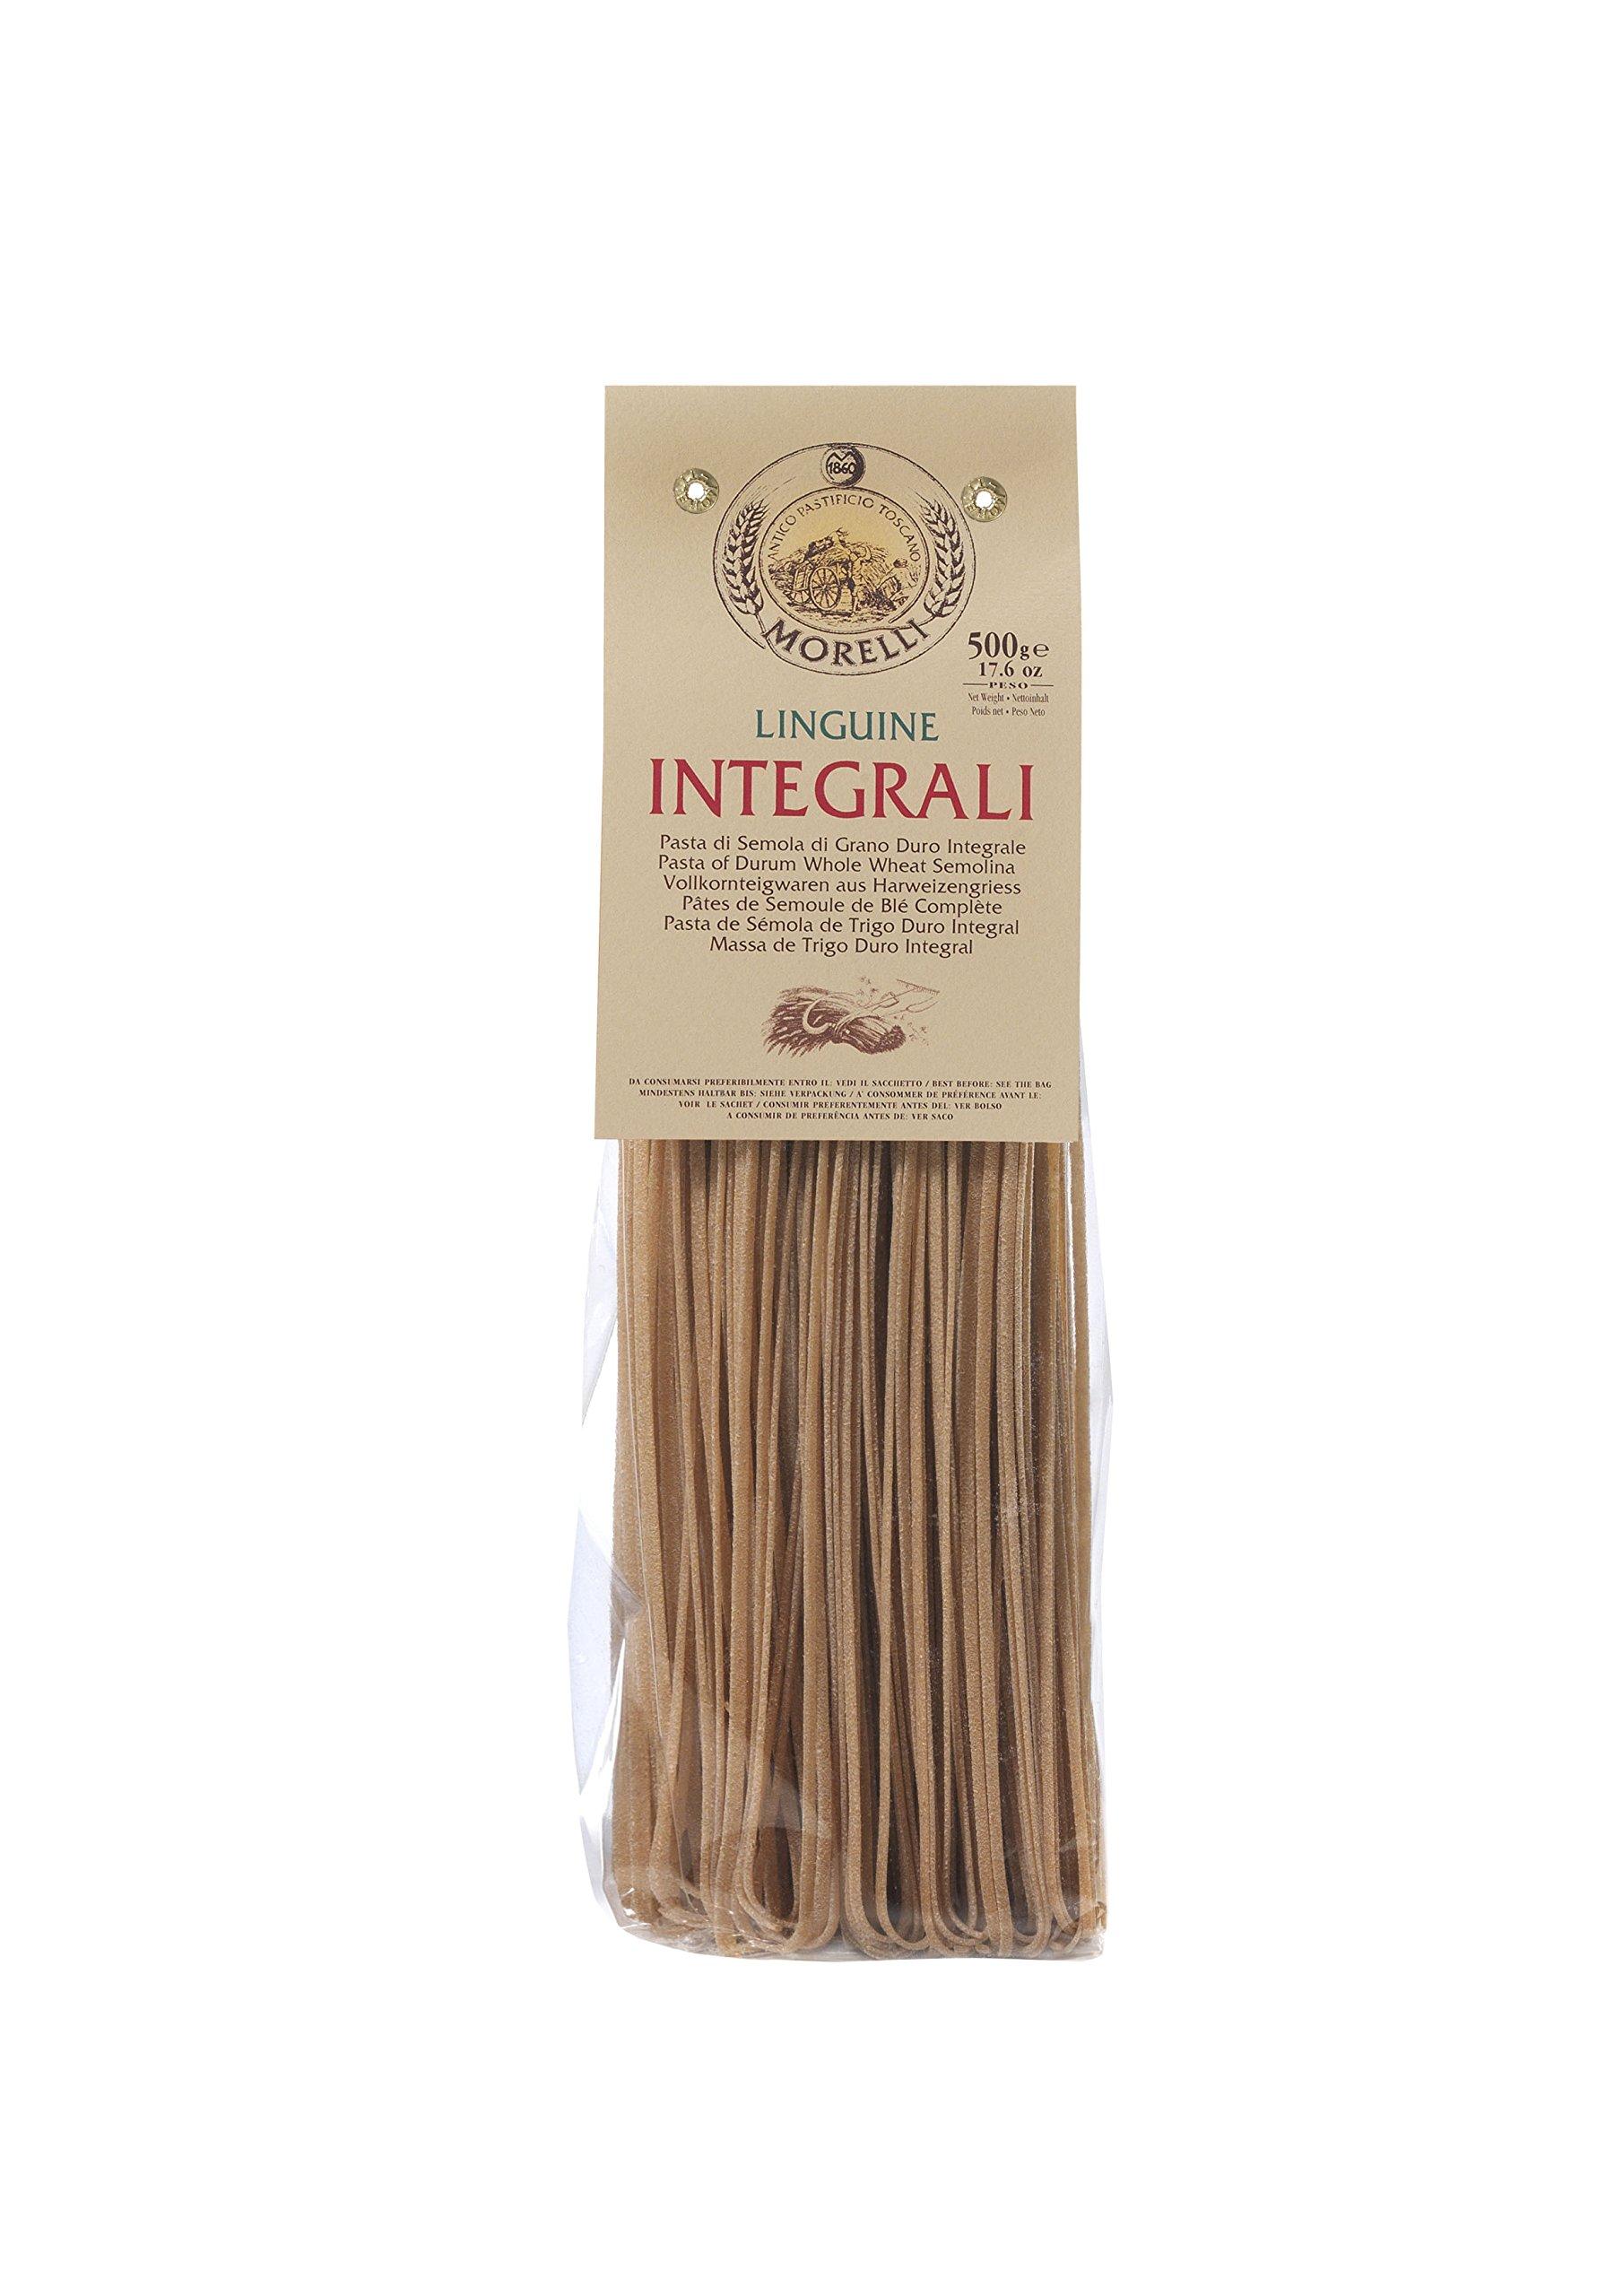 Antico Pastificio Toscano MORELLI - Linguine Integrali (500 gr)